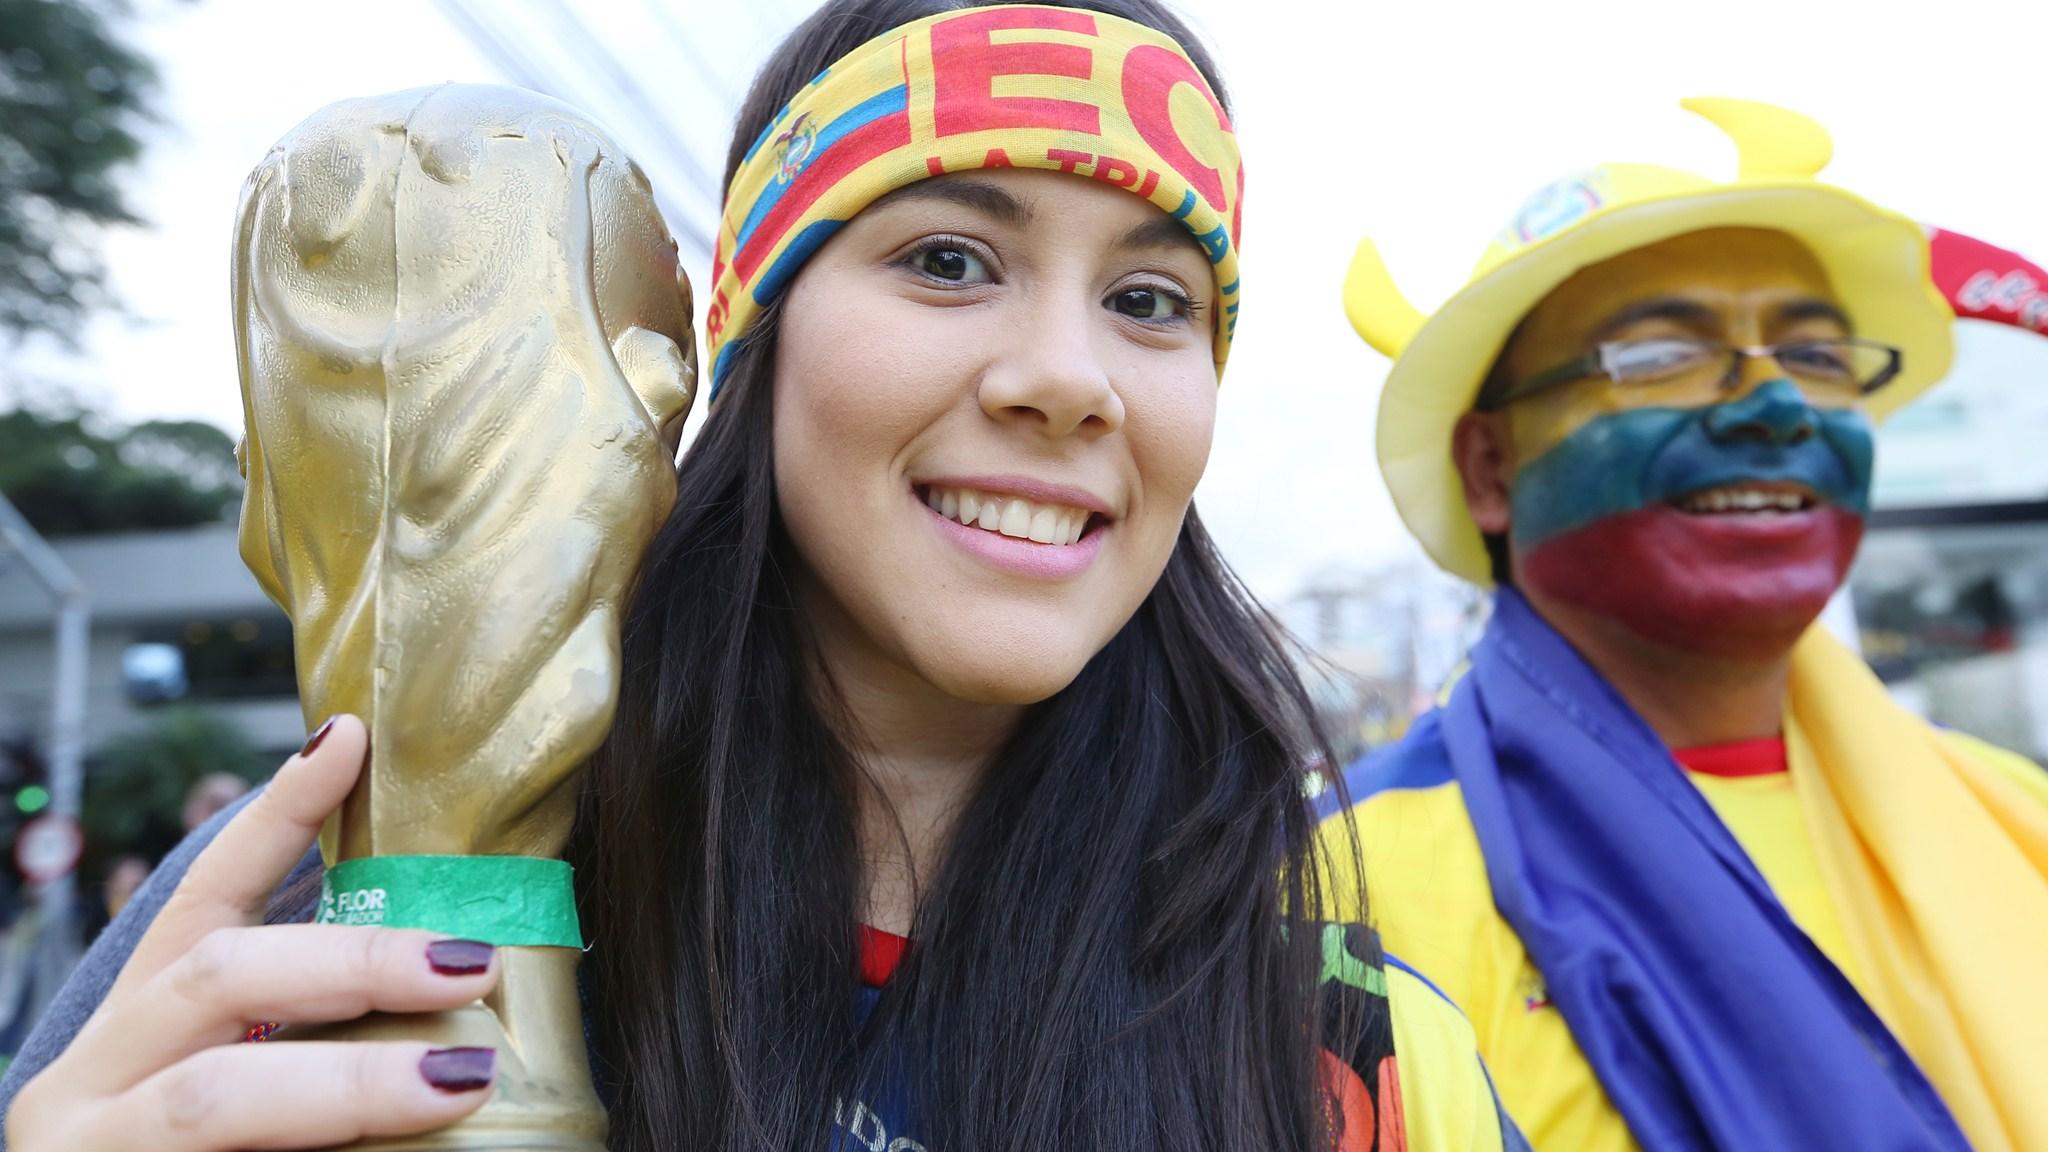 141 - Honduras-Ecuador [1-2] -- 20 Jun 2014 - 19-00 -- curitiba_arena_da_baixada - kuaza